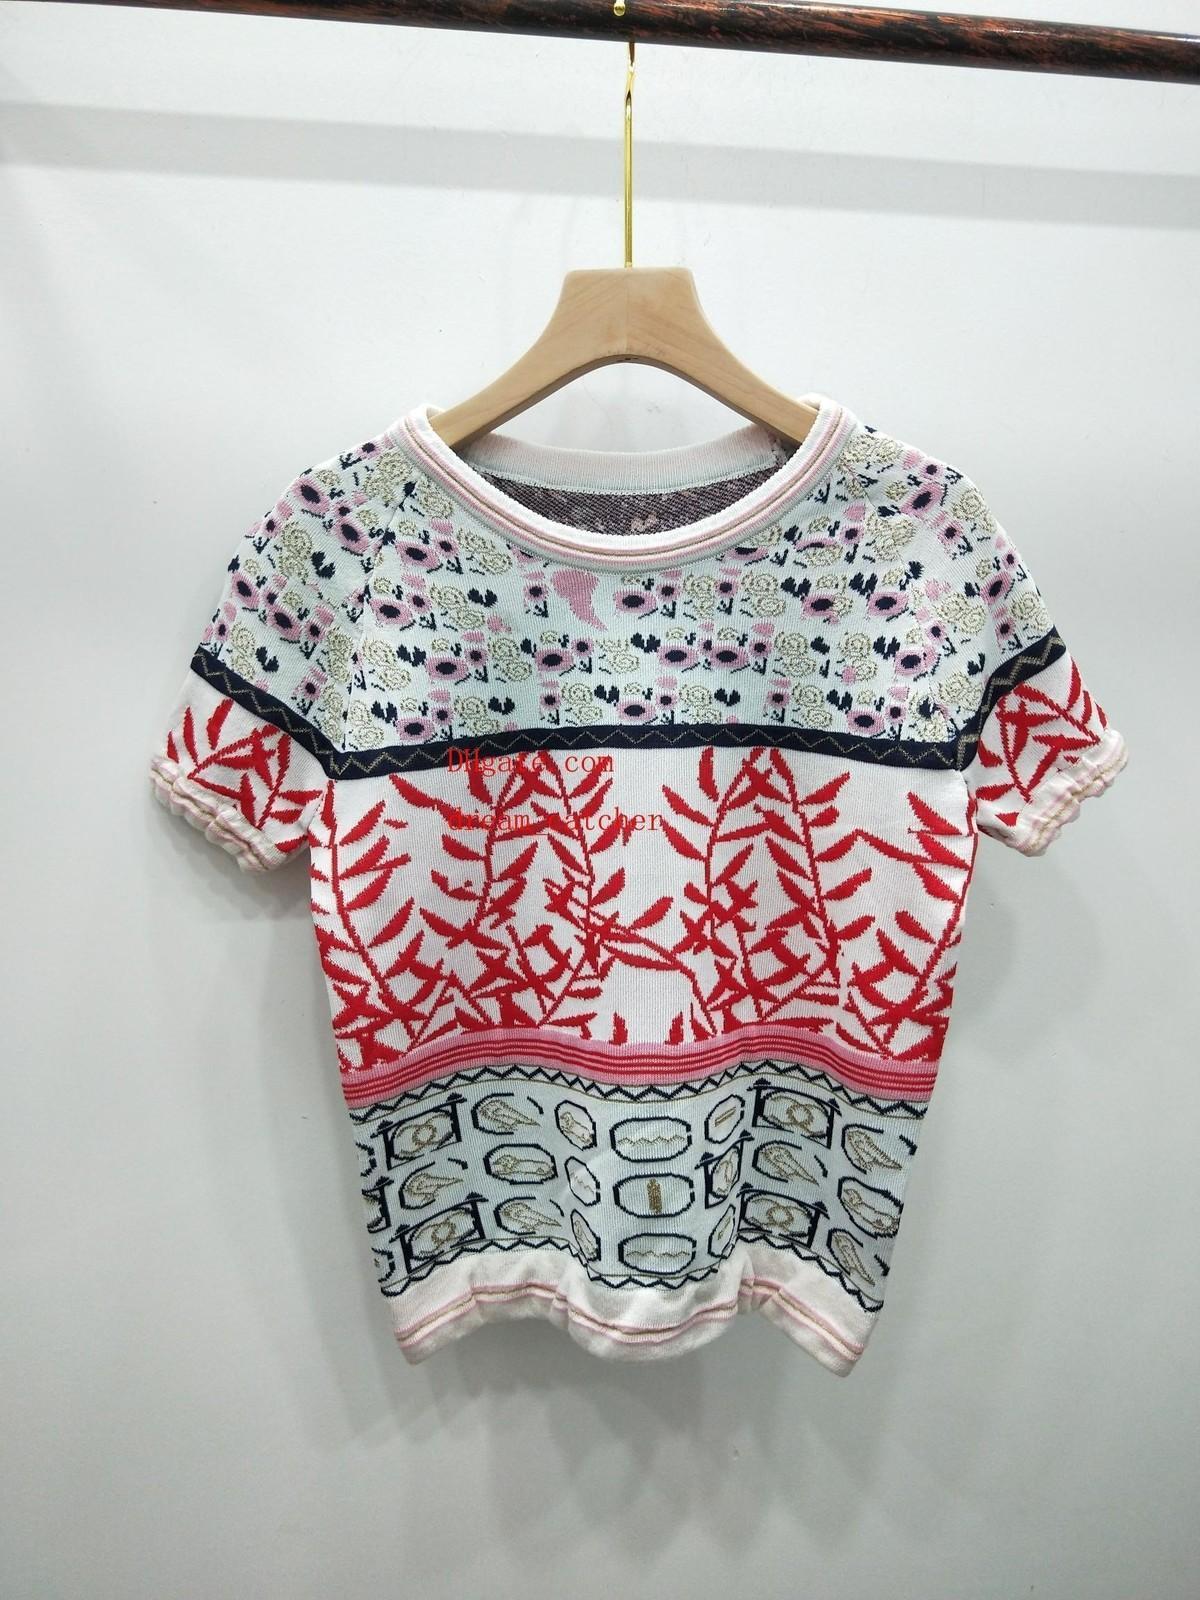 ropa de las mujeres de la marca de moda T verano camisa tapas de las mujeres suéter a rayas de manga corta camiseta de cuello redondo camisetas del verano tapas de las señoras que hacen punto